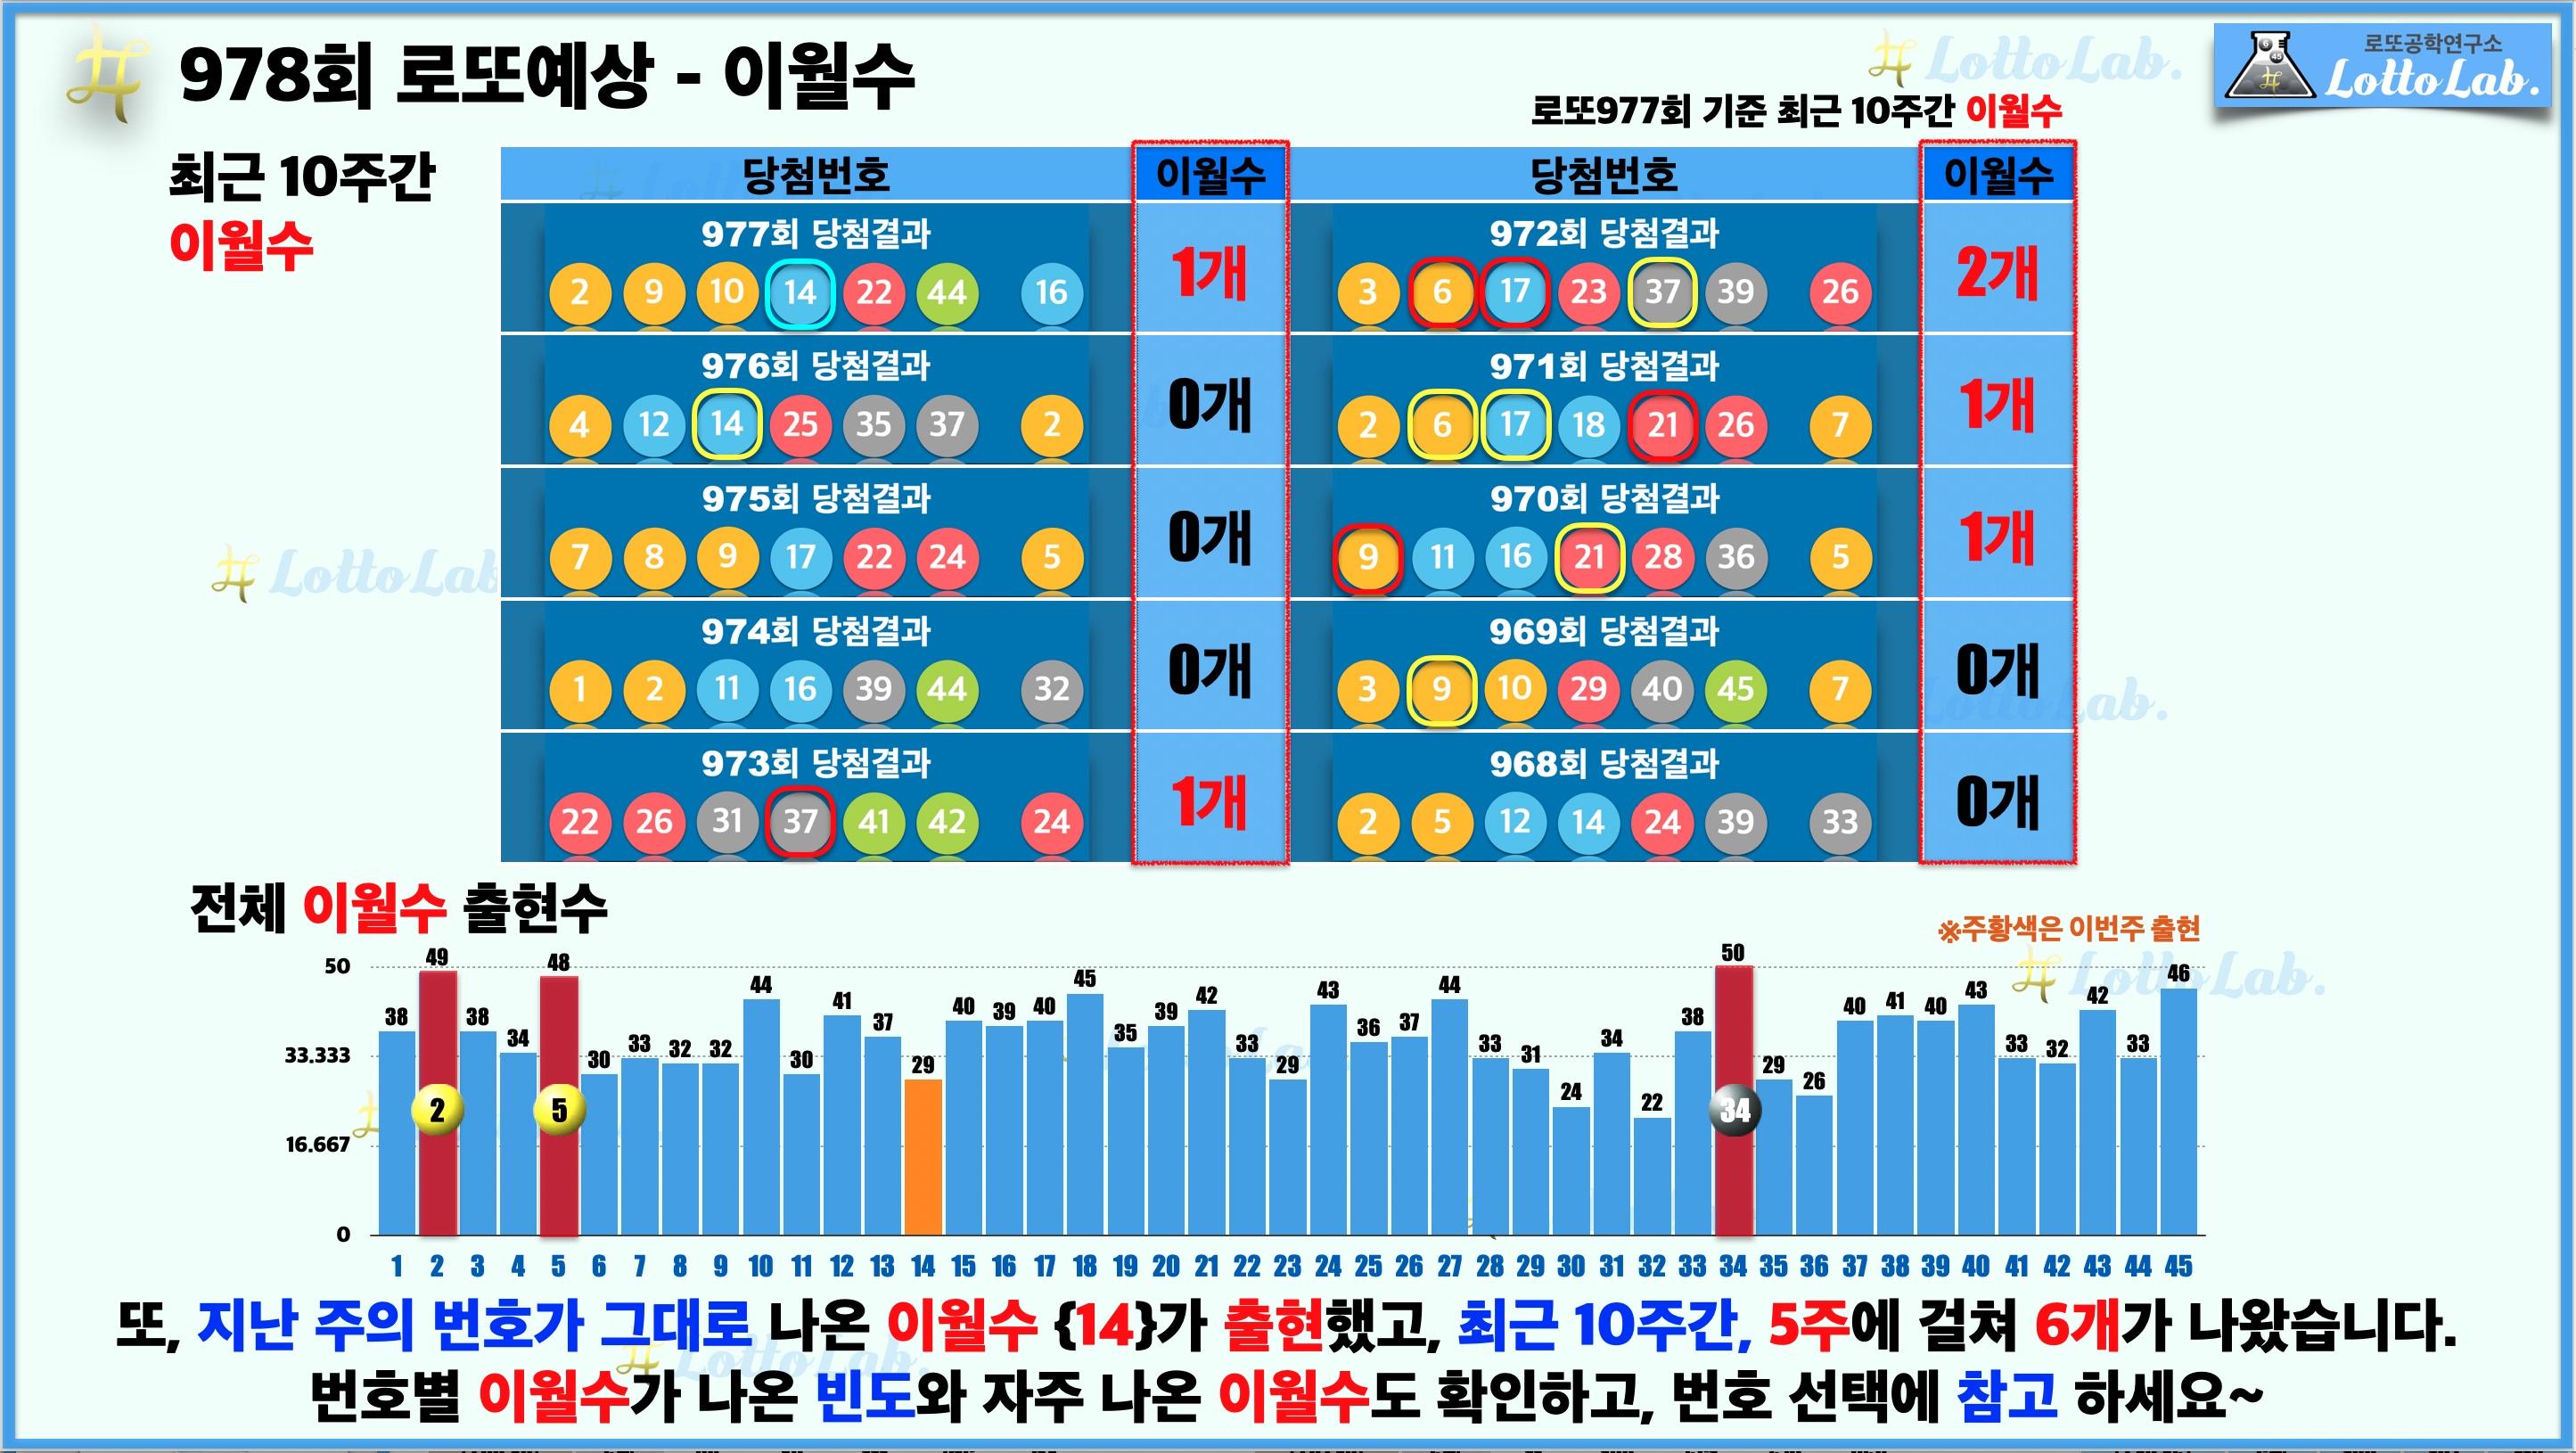 로또랩 로또978 당첨 번호 예상 - 이월수